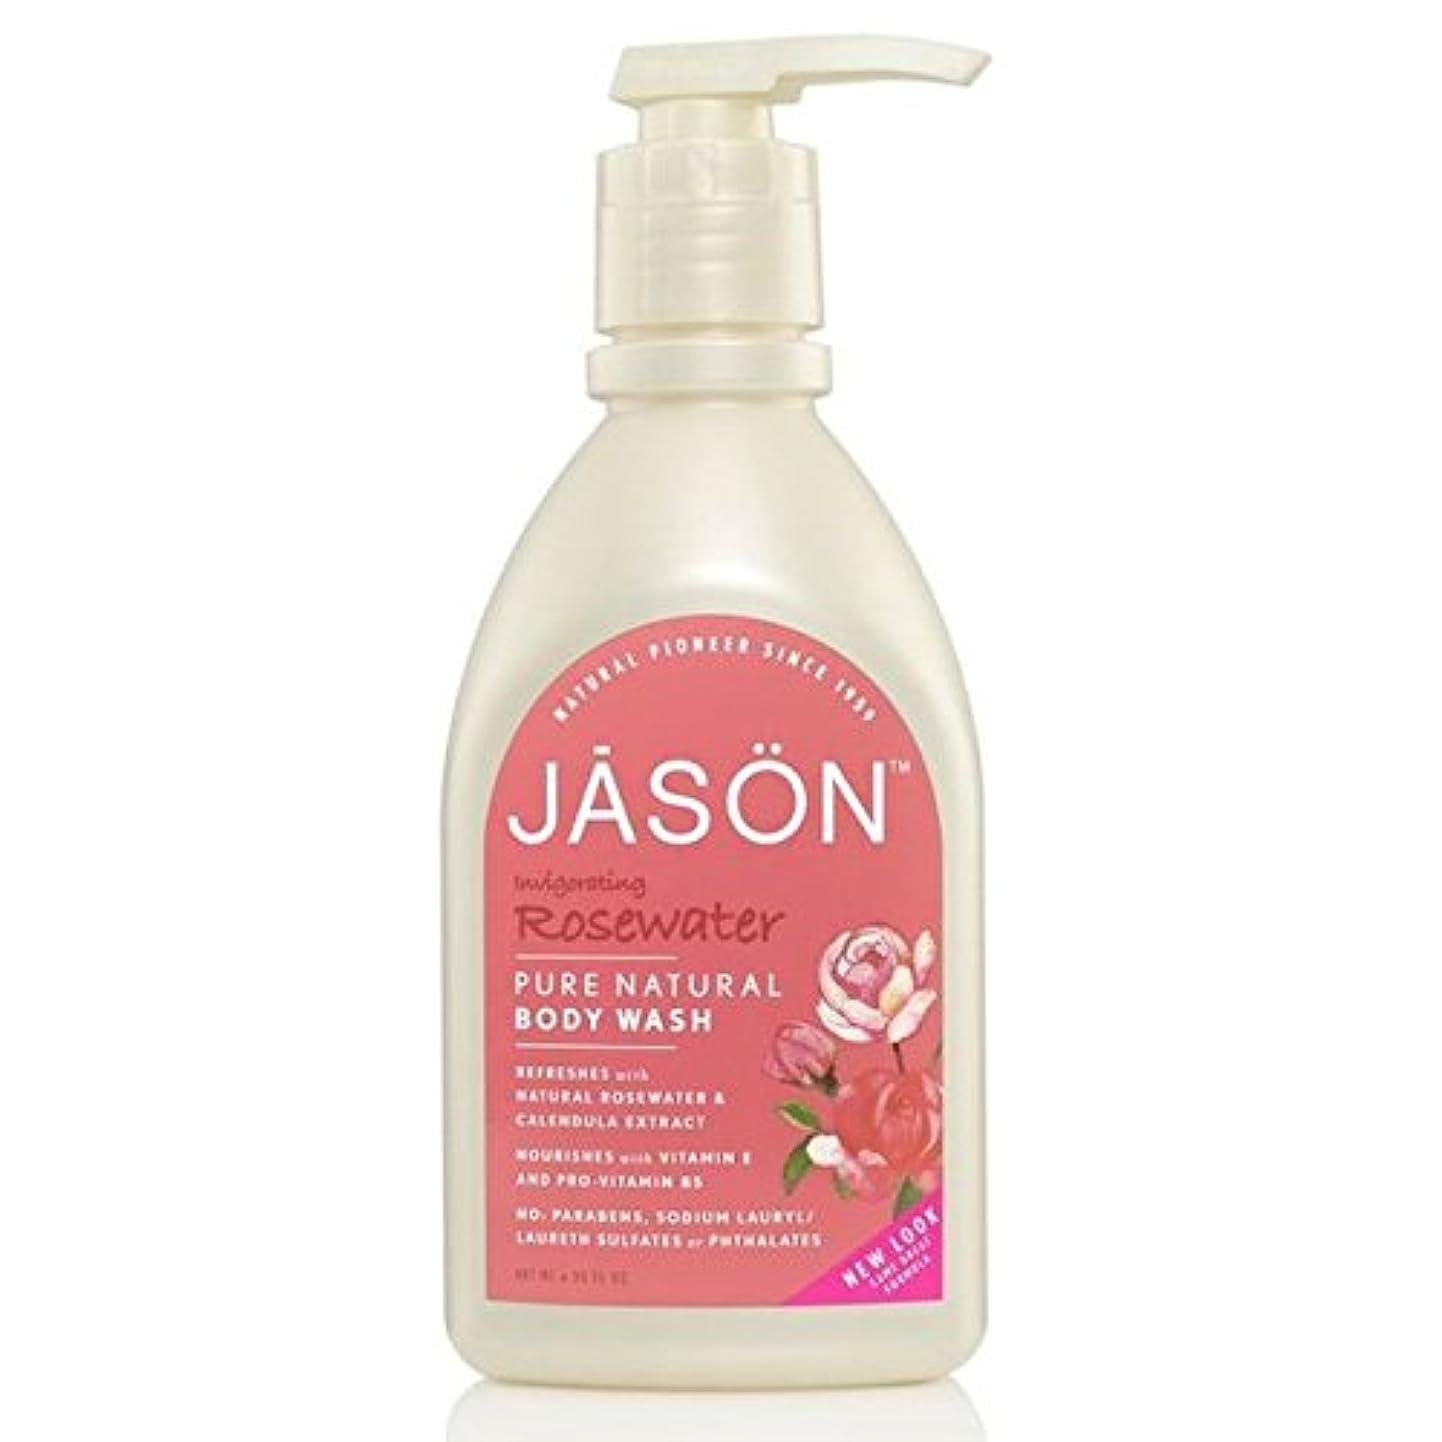 担保花瓶嬉しいですJason Body Wash Rosewater Satin Shower 900ml (Pack of 6) - ジェイソン?ボディウォッシュローズウォーターサテンシャワー900ミリリットル x6 [並行輸入品]